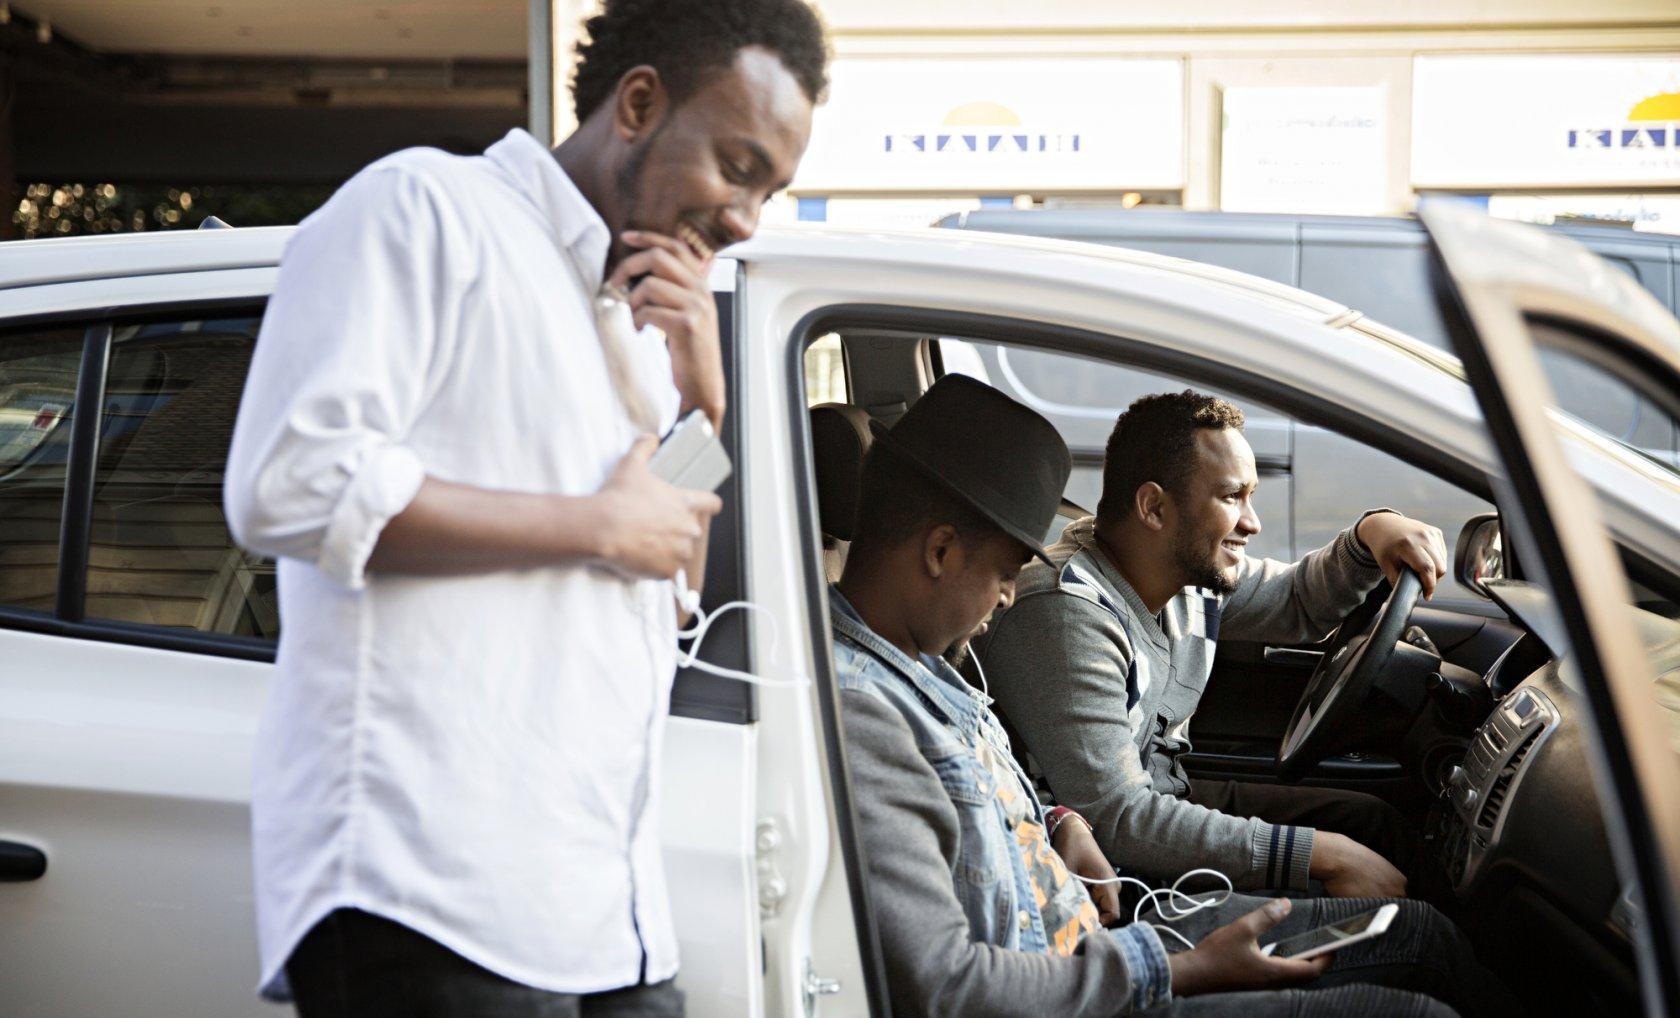 9592c83e9c9 Fahan, Dek og Abdi bor ikke i Griffenfeldsgade, men de kommer tit forbi,  hilser på bekendte og får ordentlig somalisk mad. »Jeg kan sgu ikke selv  finde ud ...